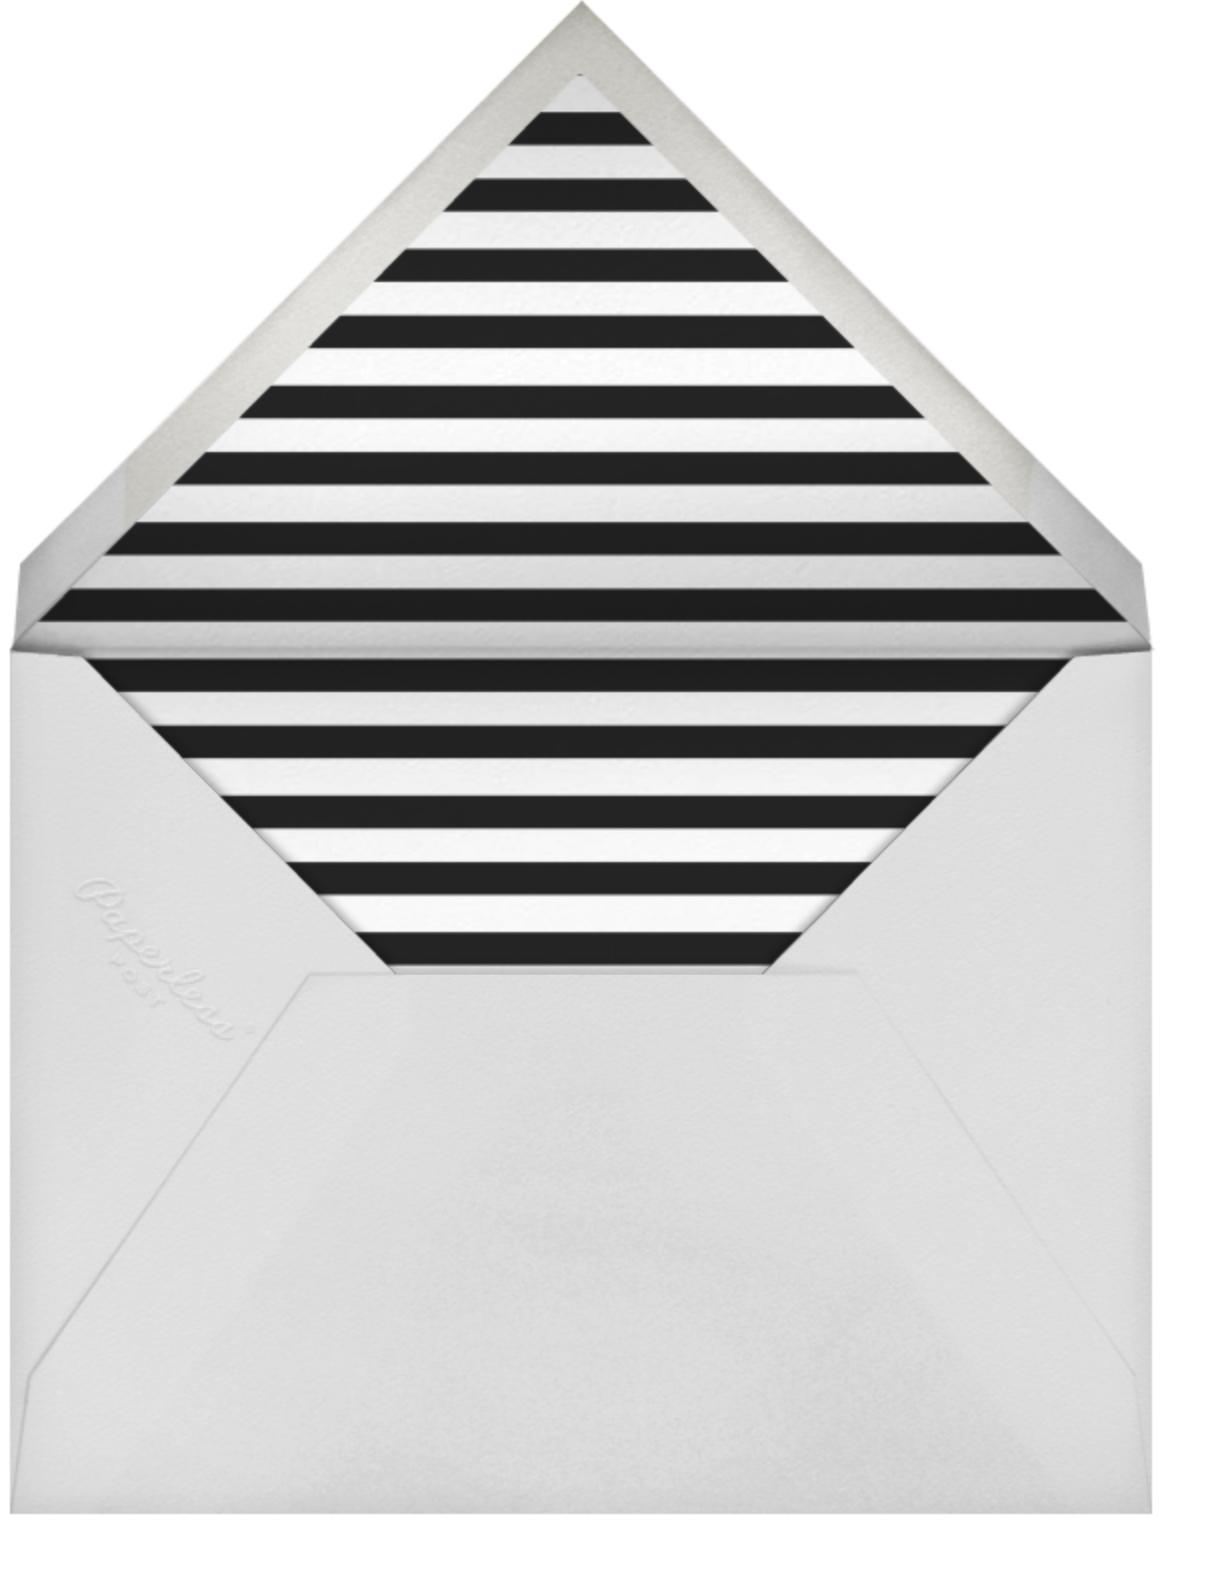 Lovebirds - kate spade new york - Anniversary cards - envelope back